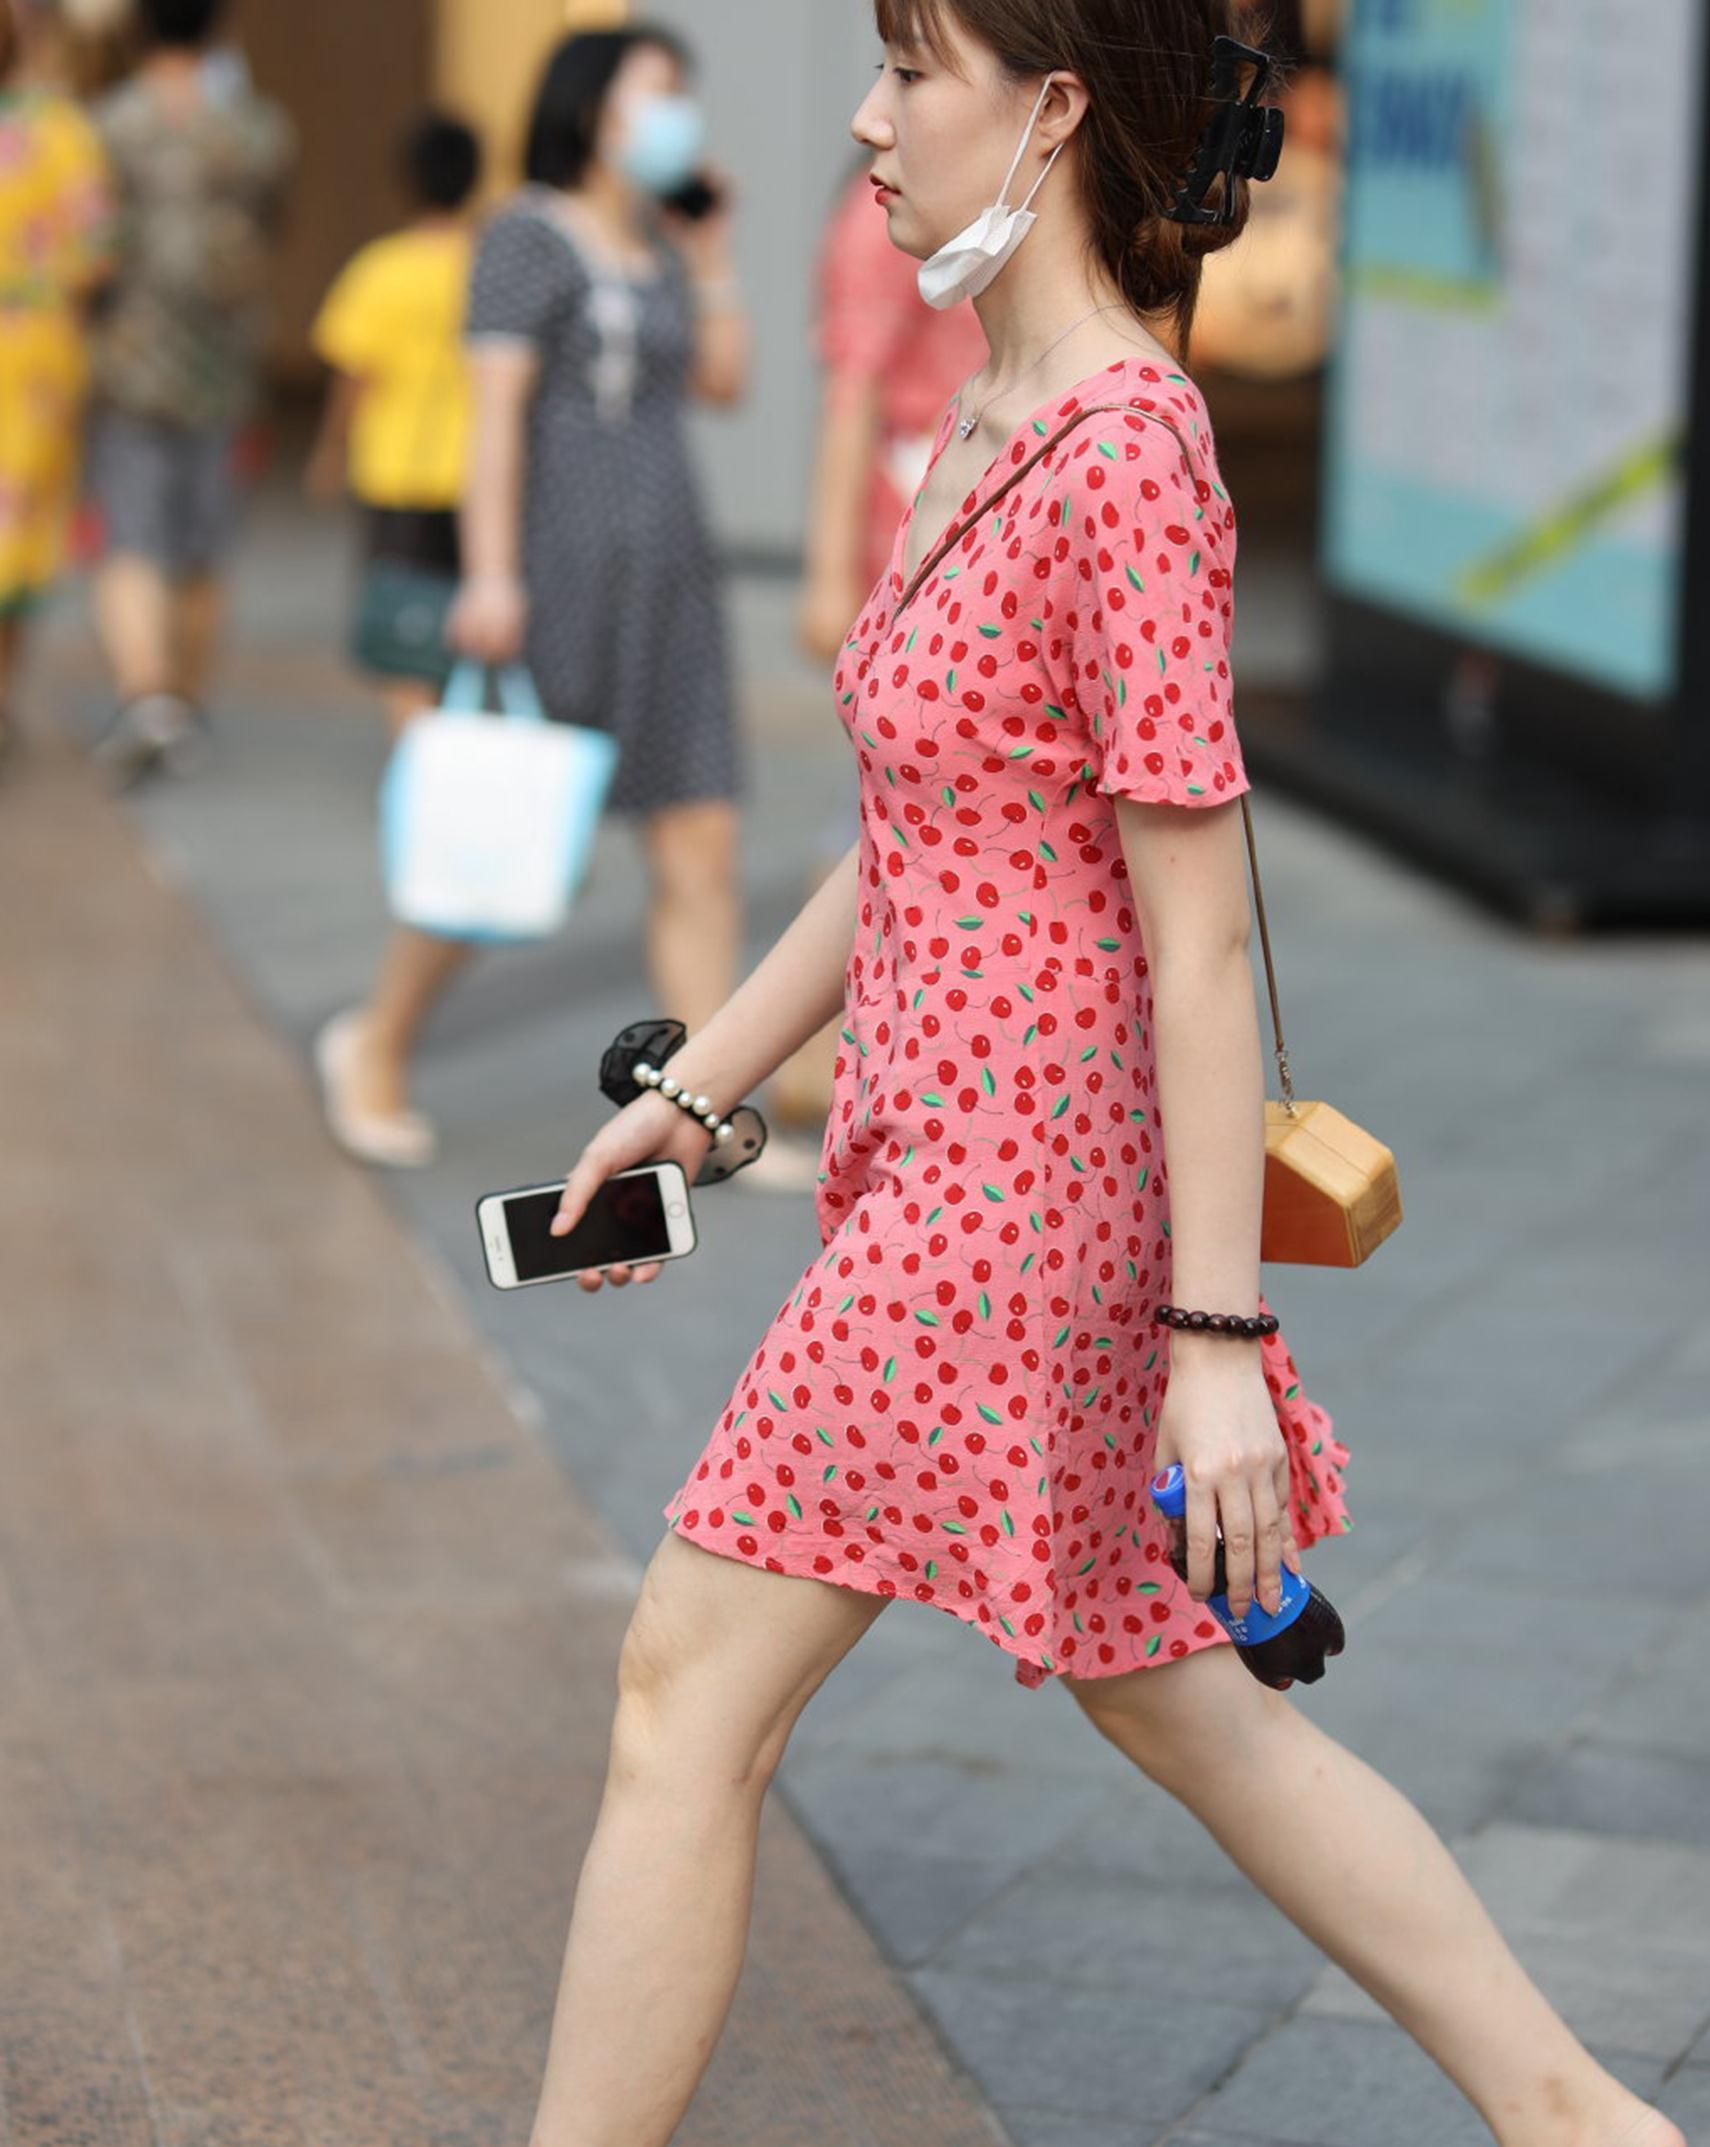 街拍:每日穿搭没必要那么传统,个性的穿搭能更时尚